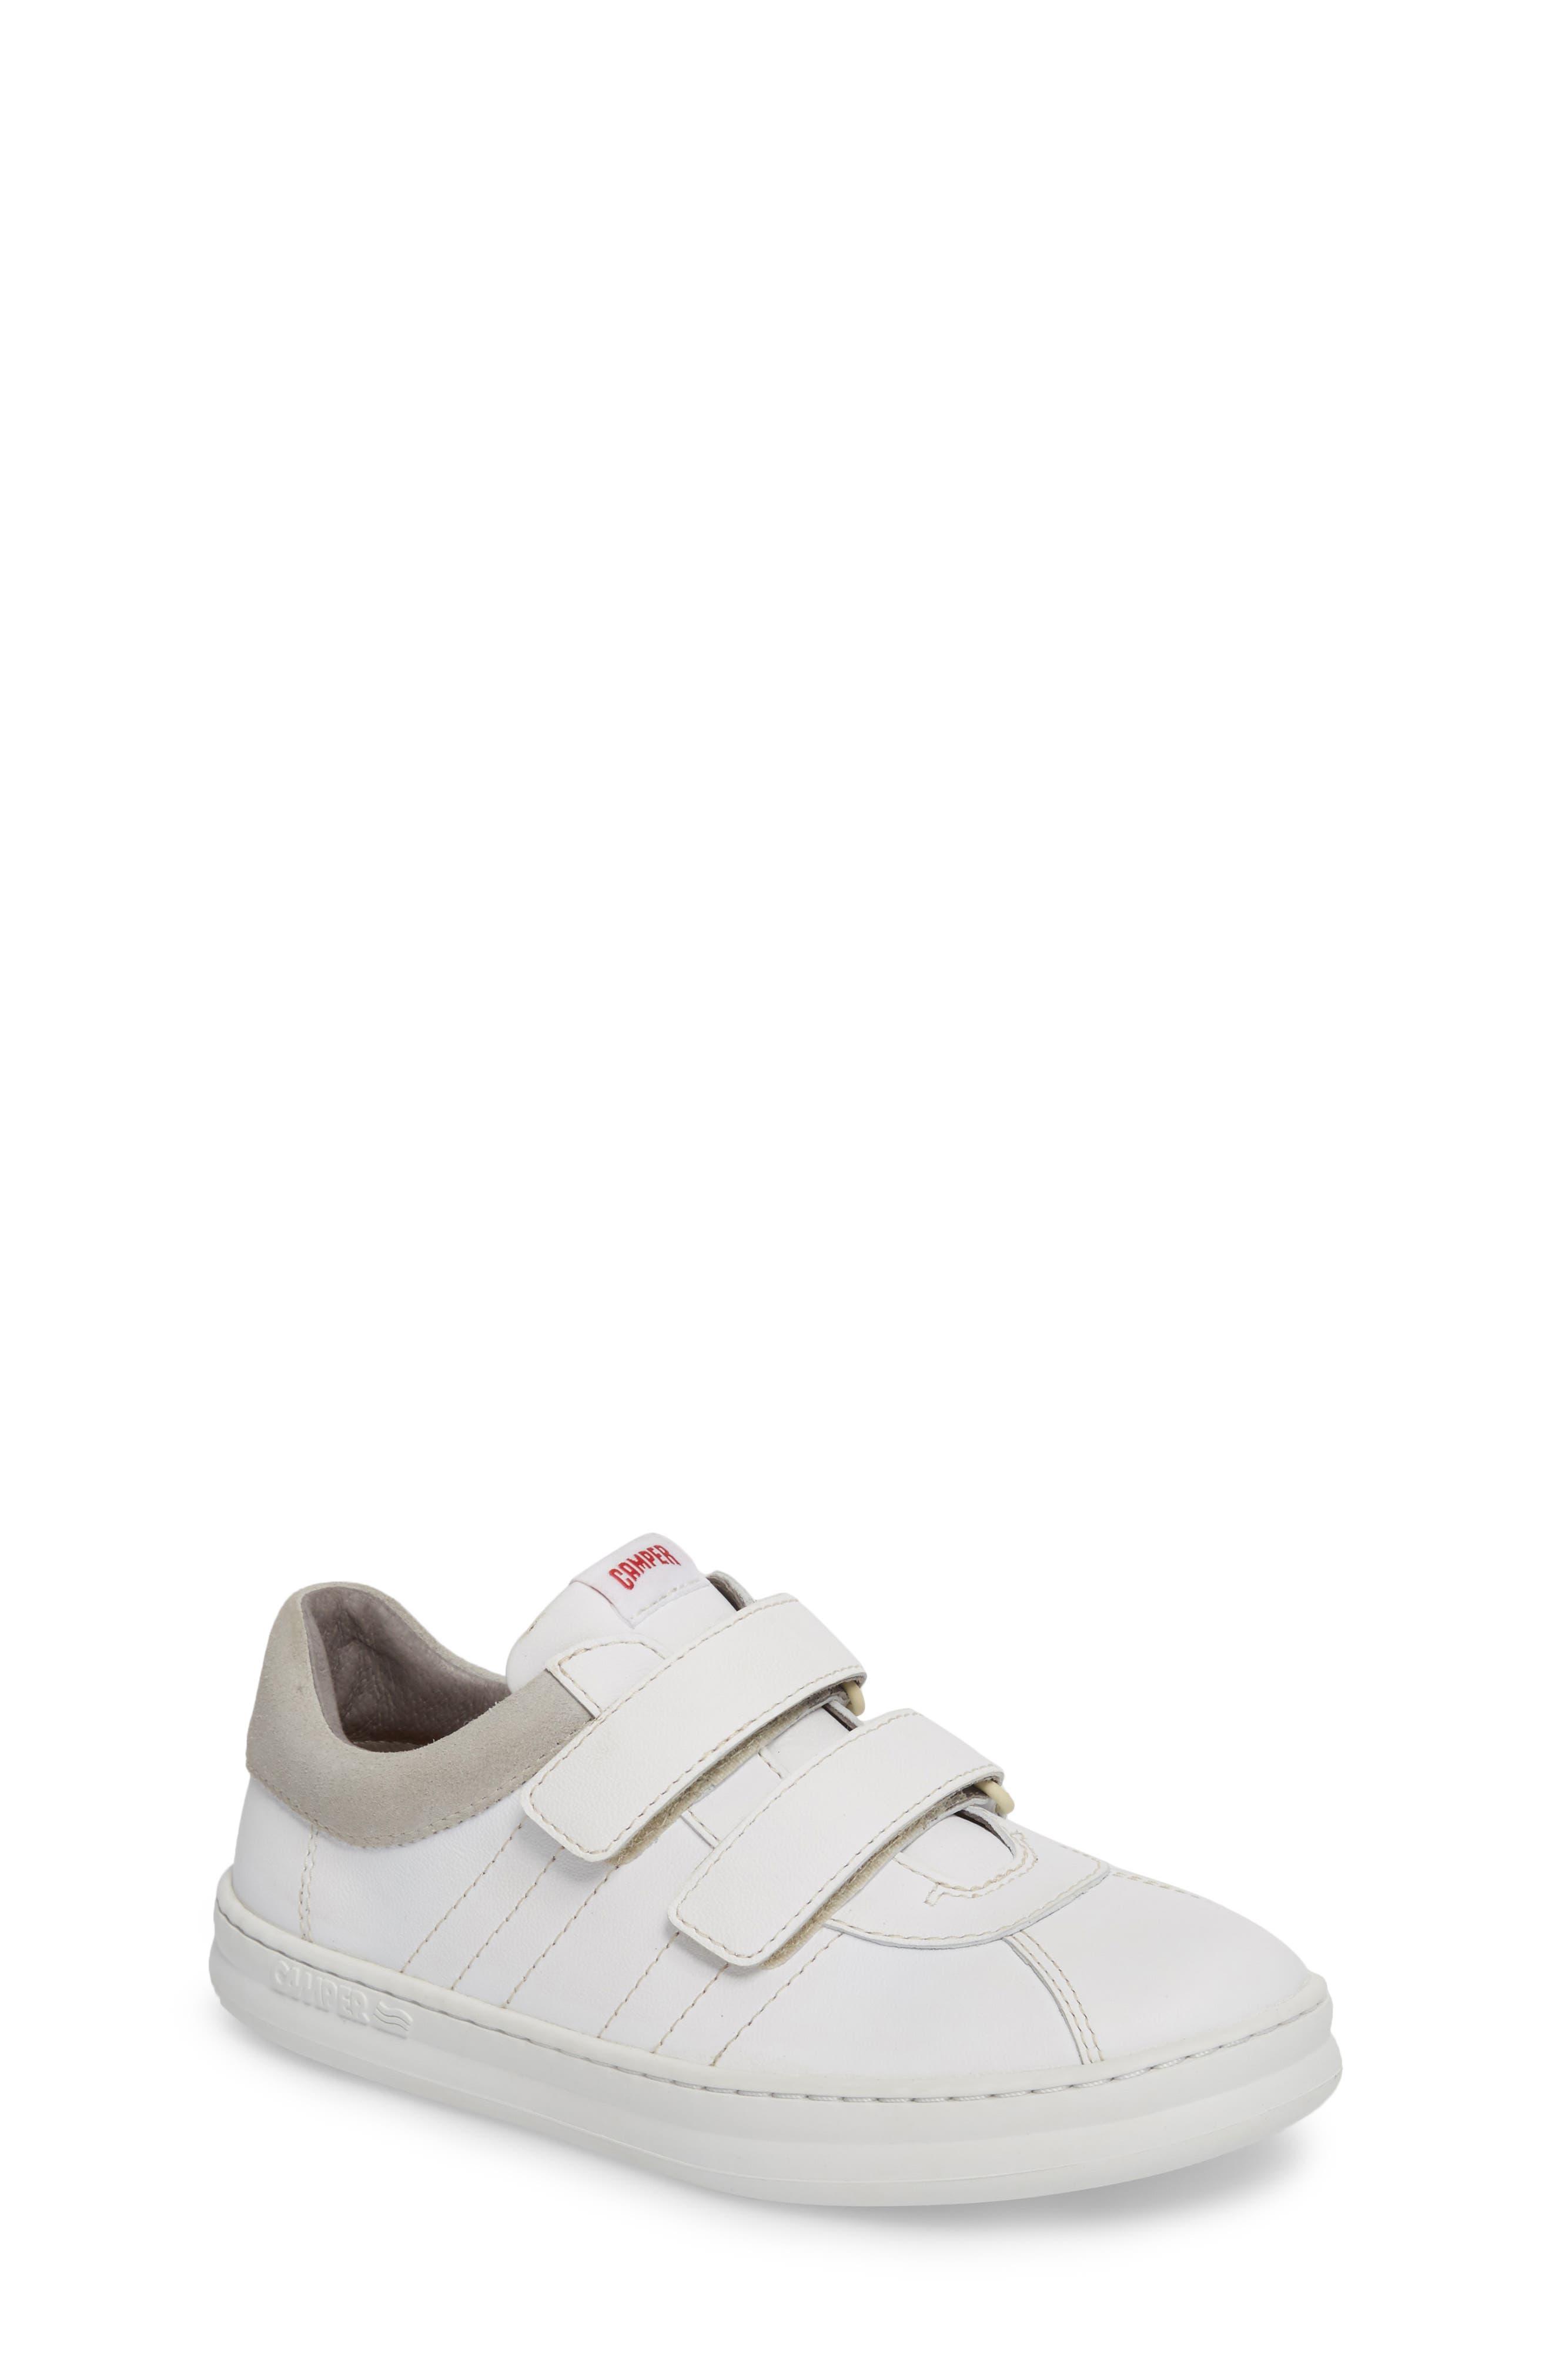 Runner Sneaker,                             Main thumbnail 1, color,                             WHITE